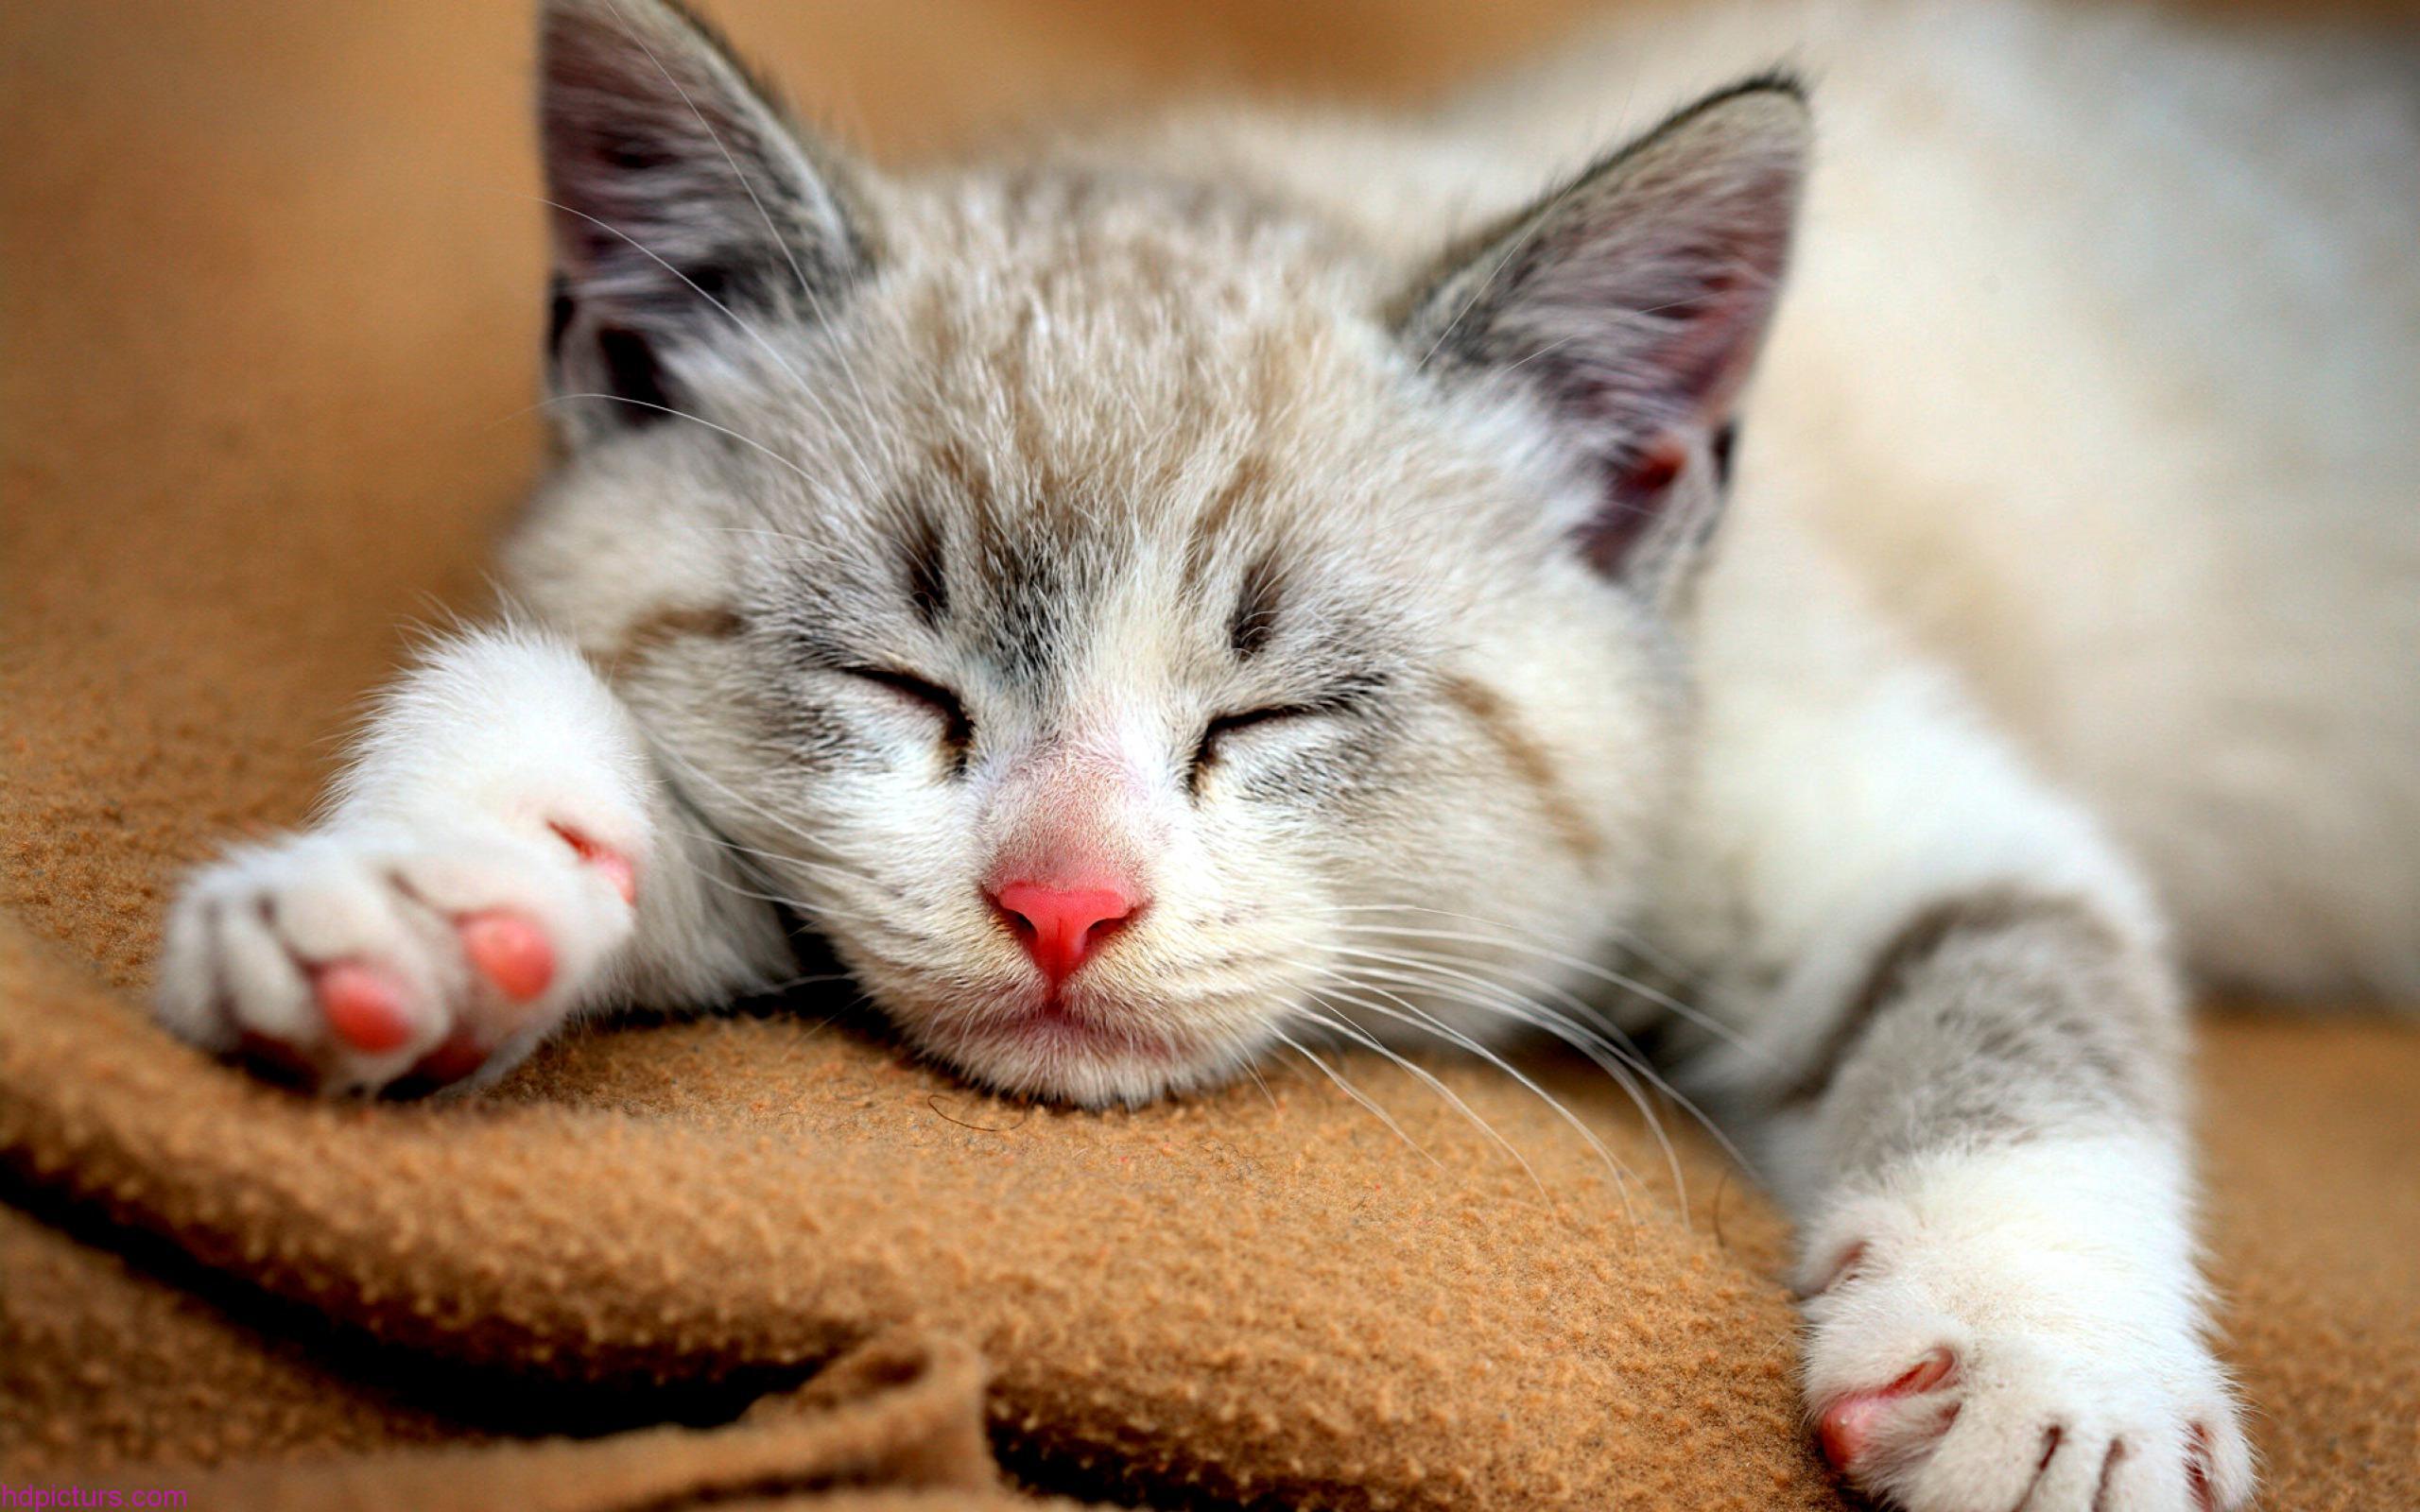 بالصور صور قطط جميلة جدا , صورة لاجمل قطة 1423 4